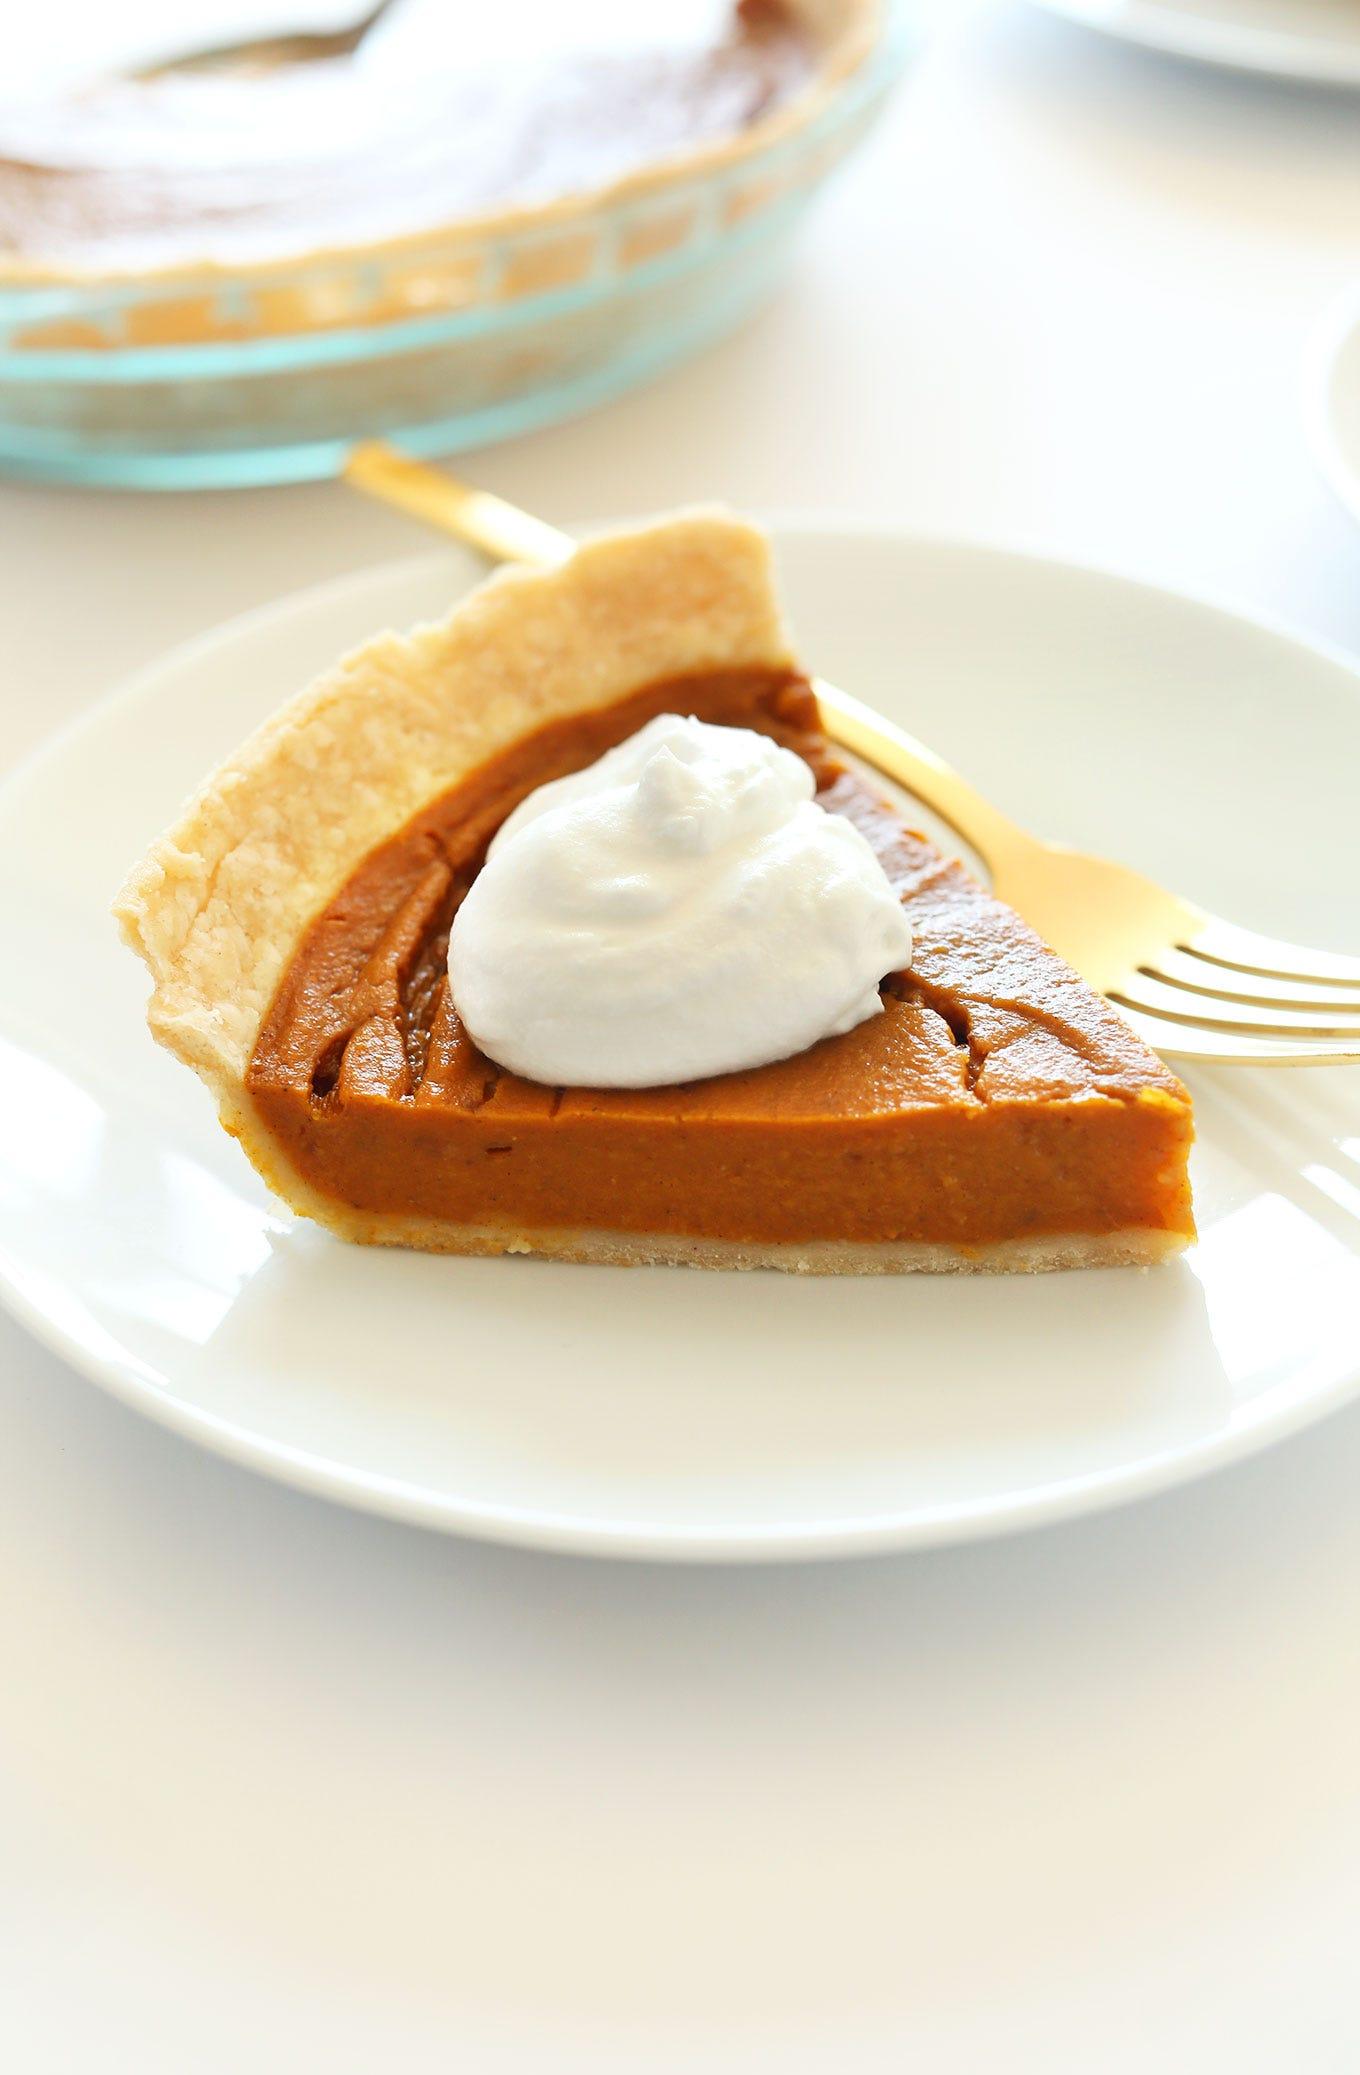 https://minimalistbaker.com/wp-content/uploads/2014/11/THE-BEST-Vegan-Gluten-Free-Pumpkin-Pie-10-ingredients-simple-methods-SO-delicious.jpg